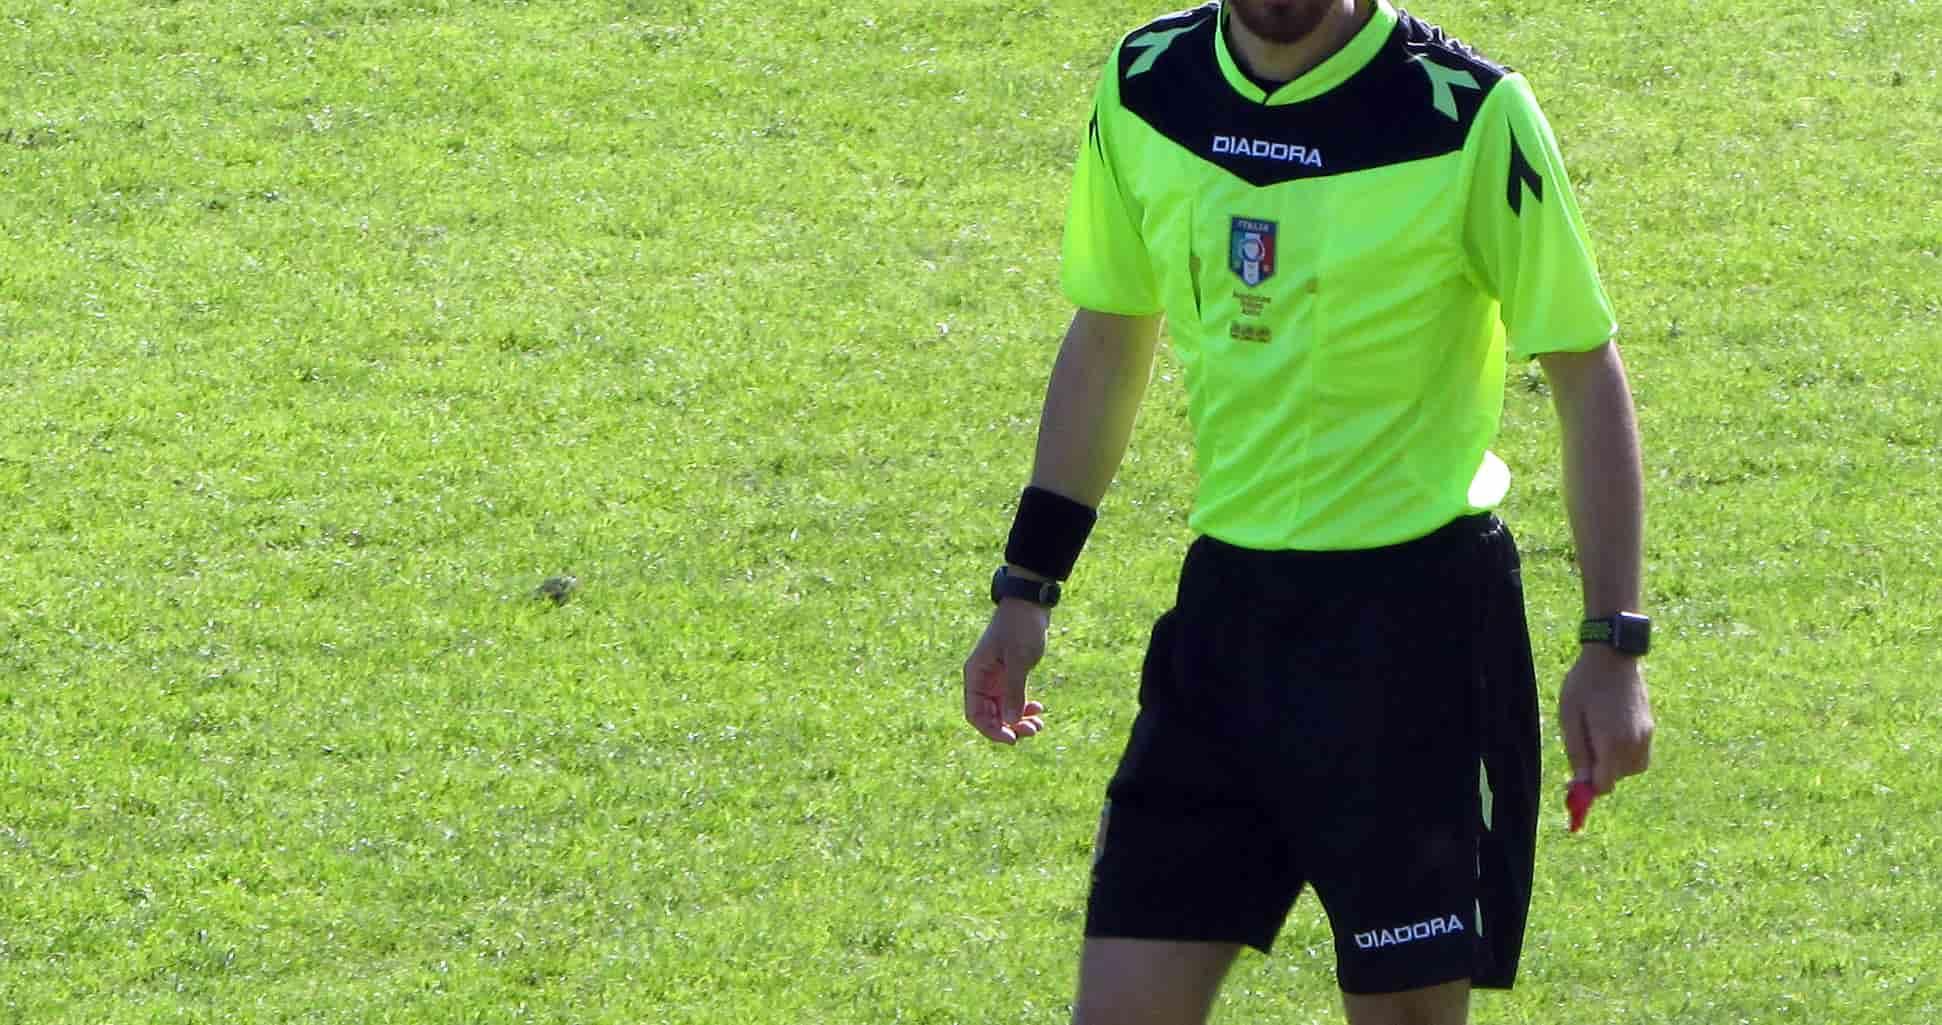 Arbitro - Aia Bra